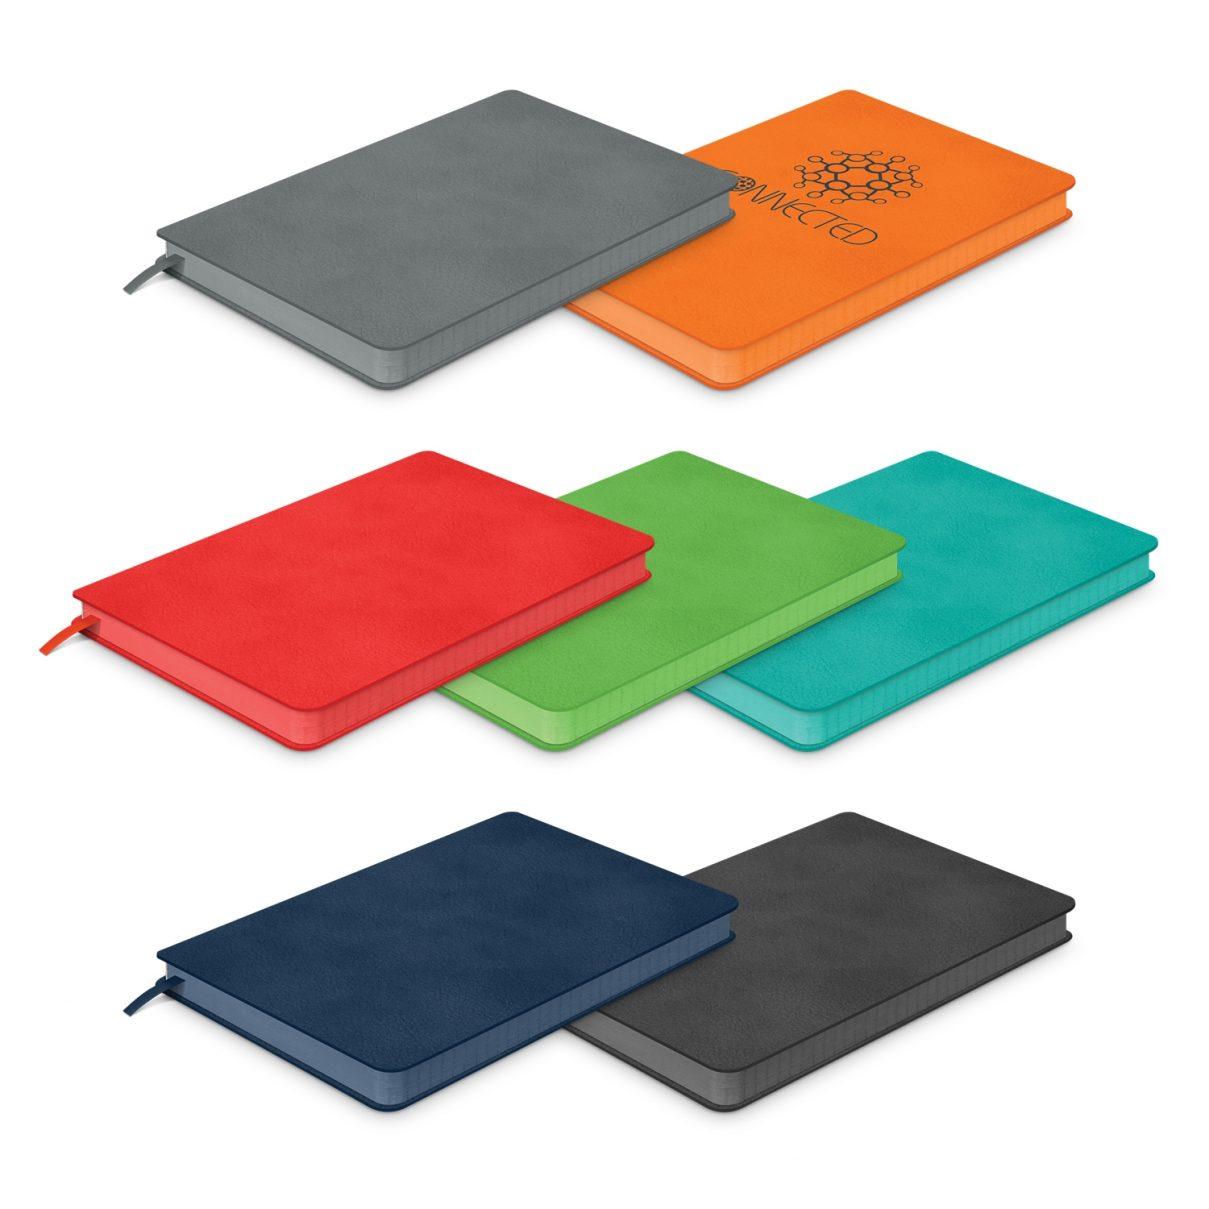 Demio Notebook - Medium Bulk Supplier